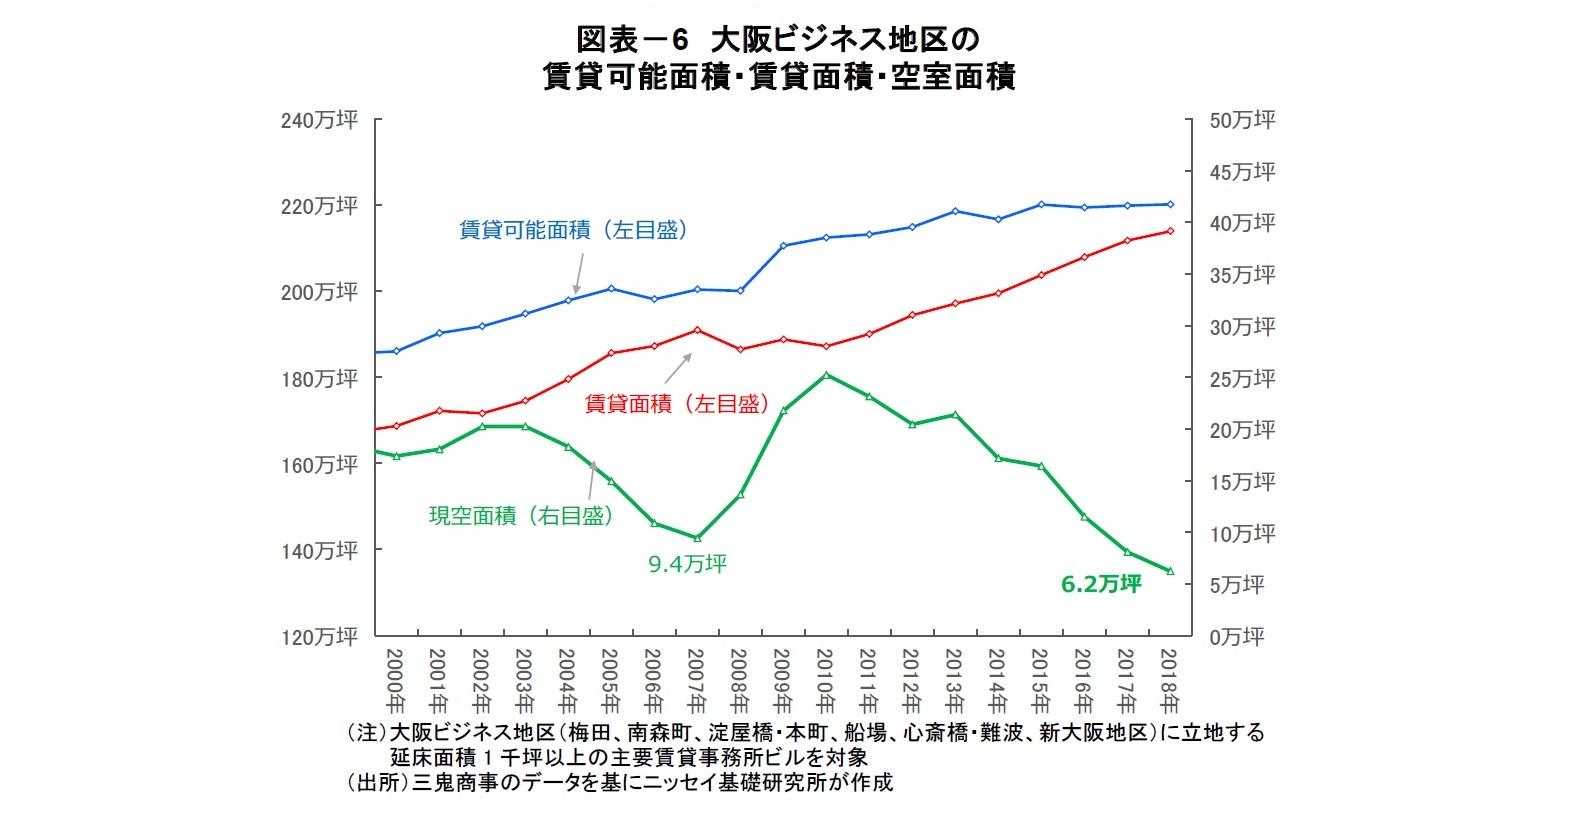 図表-6 大阪ビジネス地区の賃貸可能面積・賃貸面積・空室面積